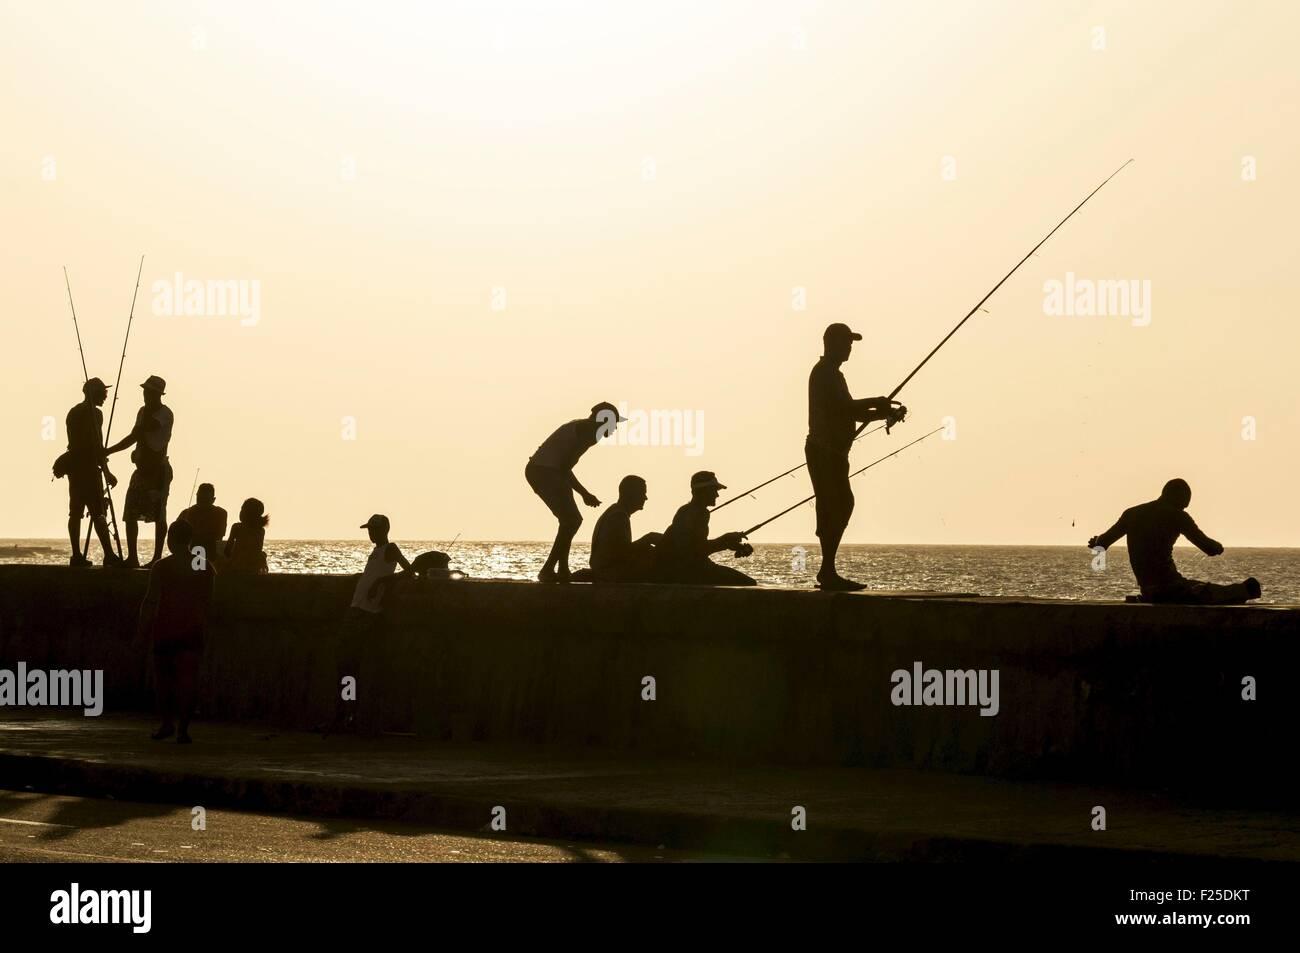 Cuba, La Habana, El Malecon, Habana Vieja distrito listados como Patrimonio Mundial por la UNESCO, los pescadores Imagen De Stock